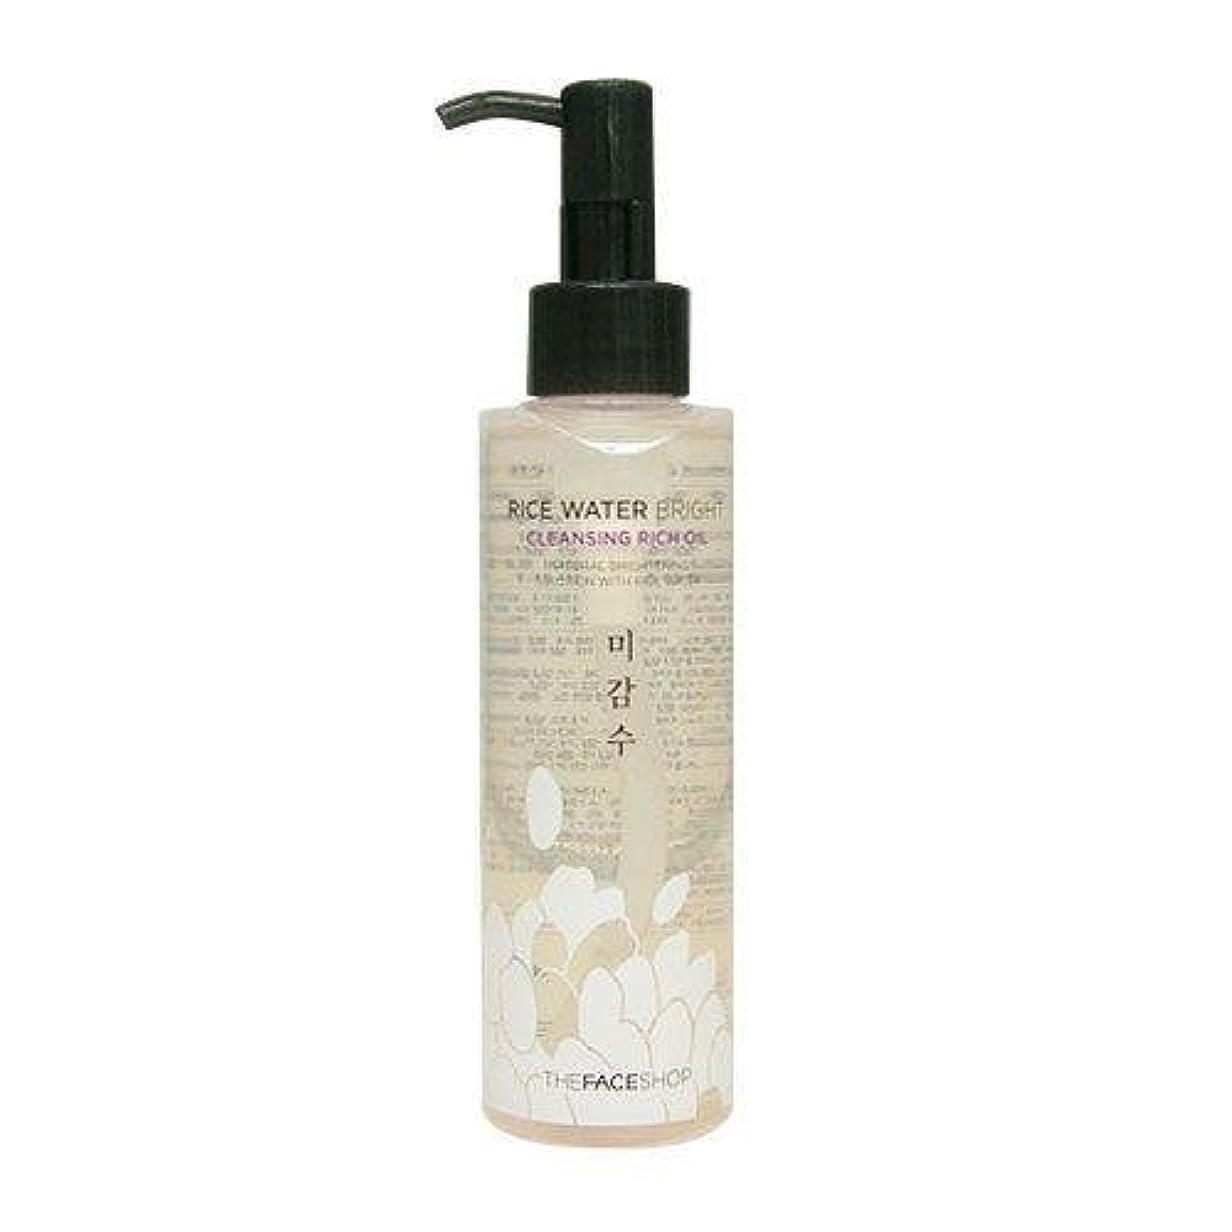 メディカル薄いです学習者The Face Shop Rice Water Bright Cleansing Rich Oil (Dry Skin) (Korean original)